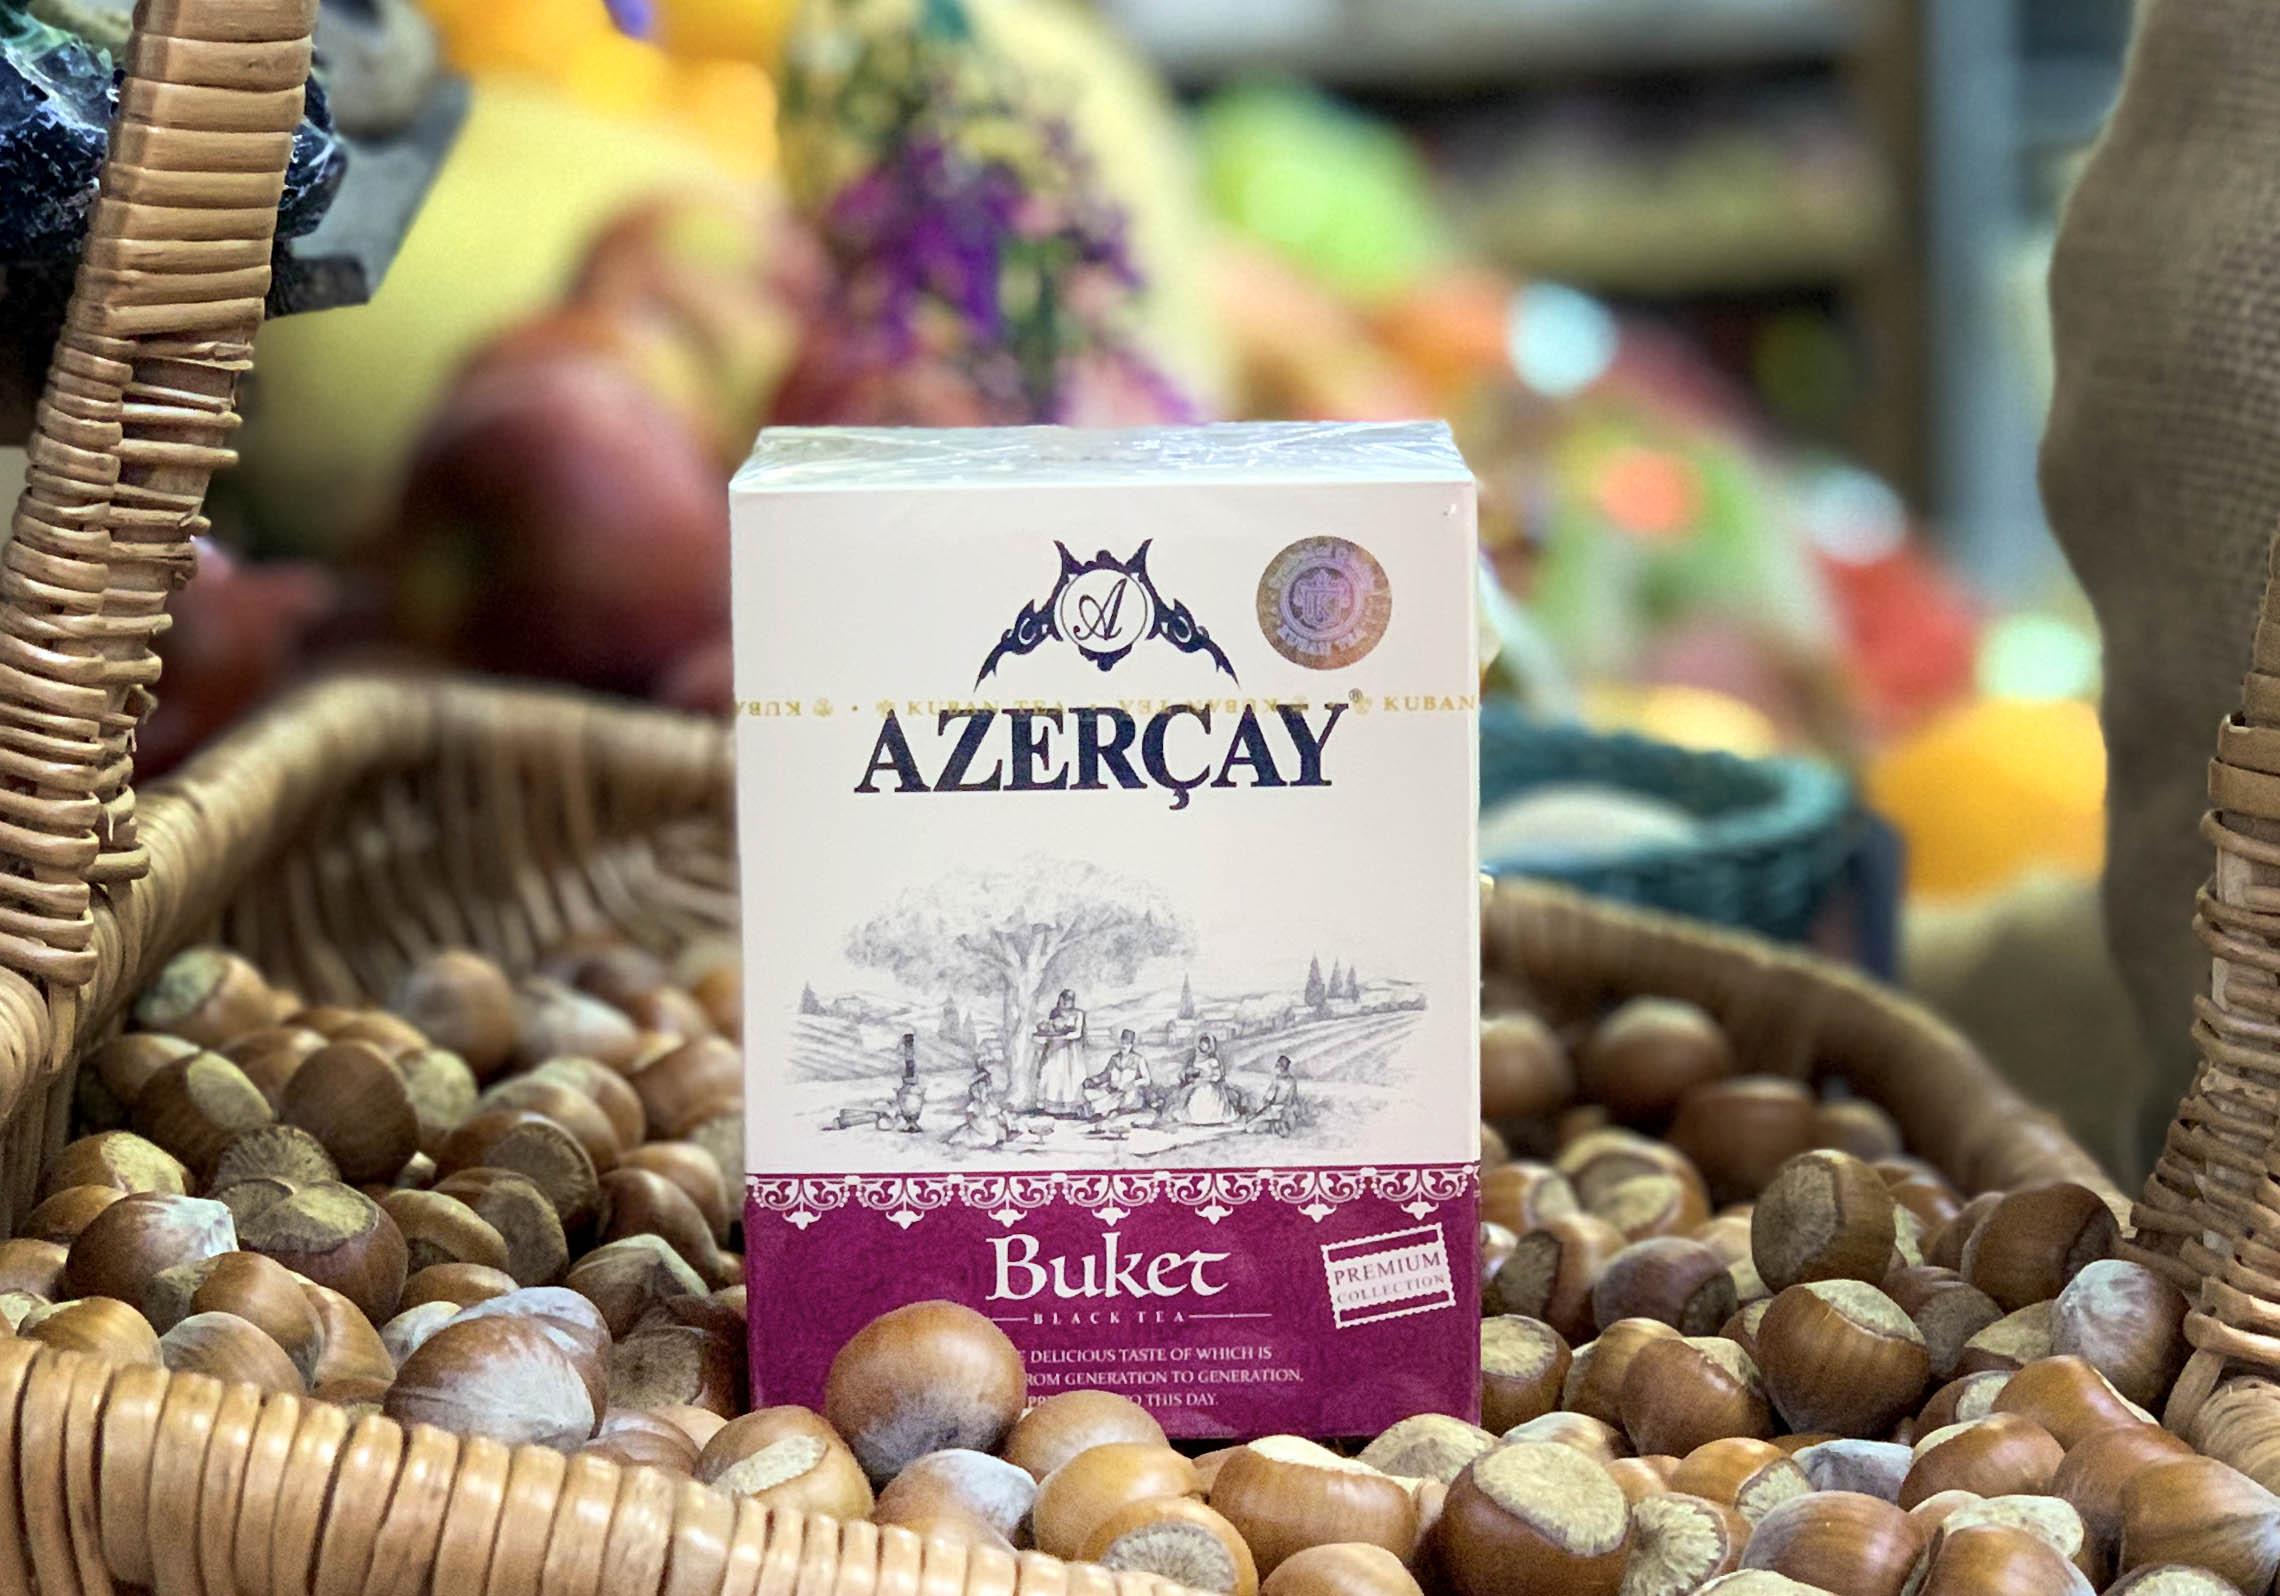 Азерчай Premium коллекция Букет листовой, 100 гр.